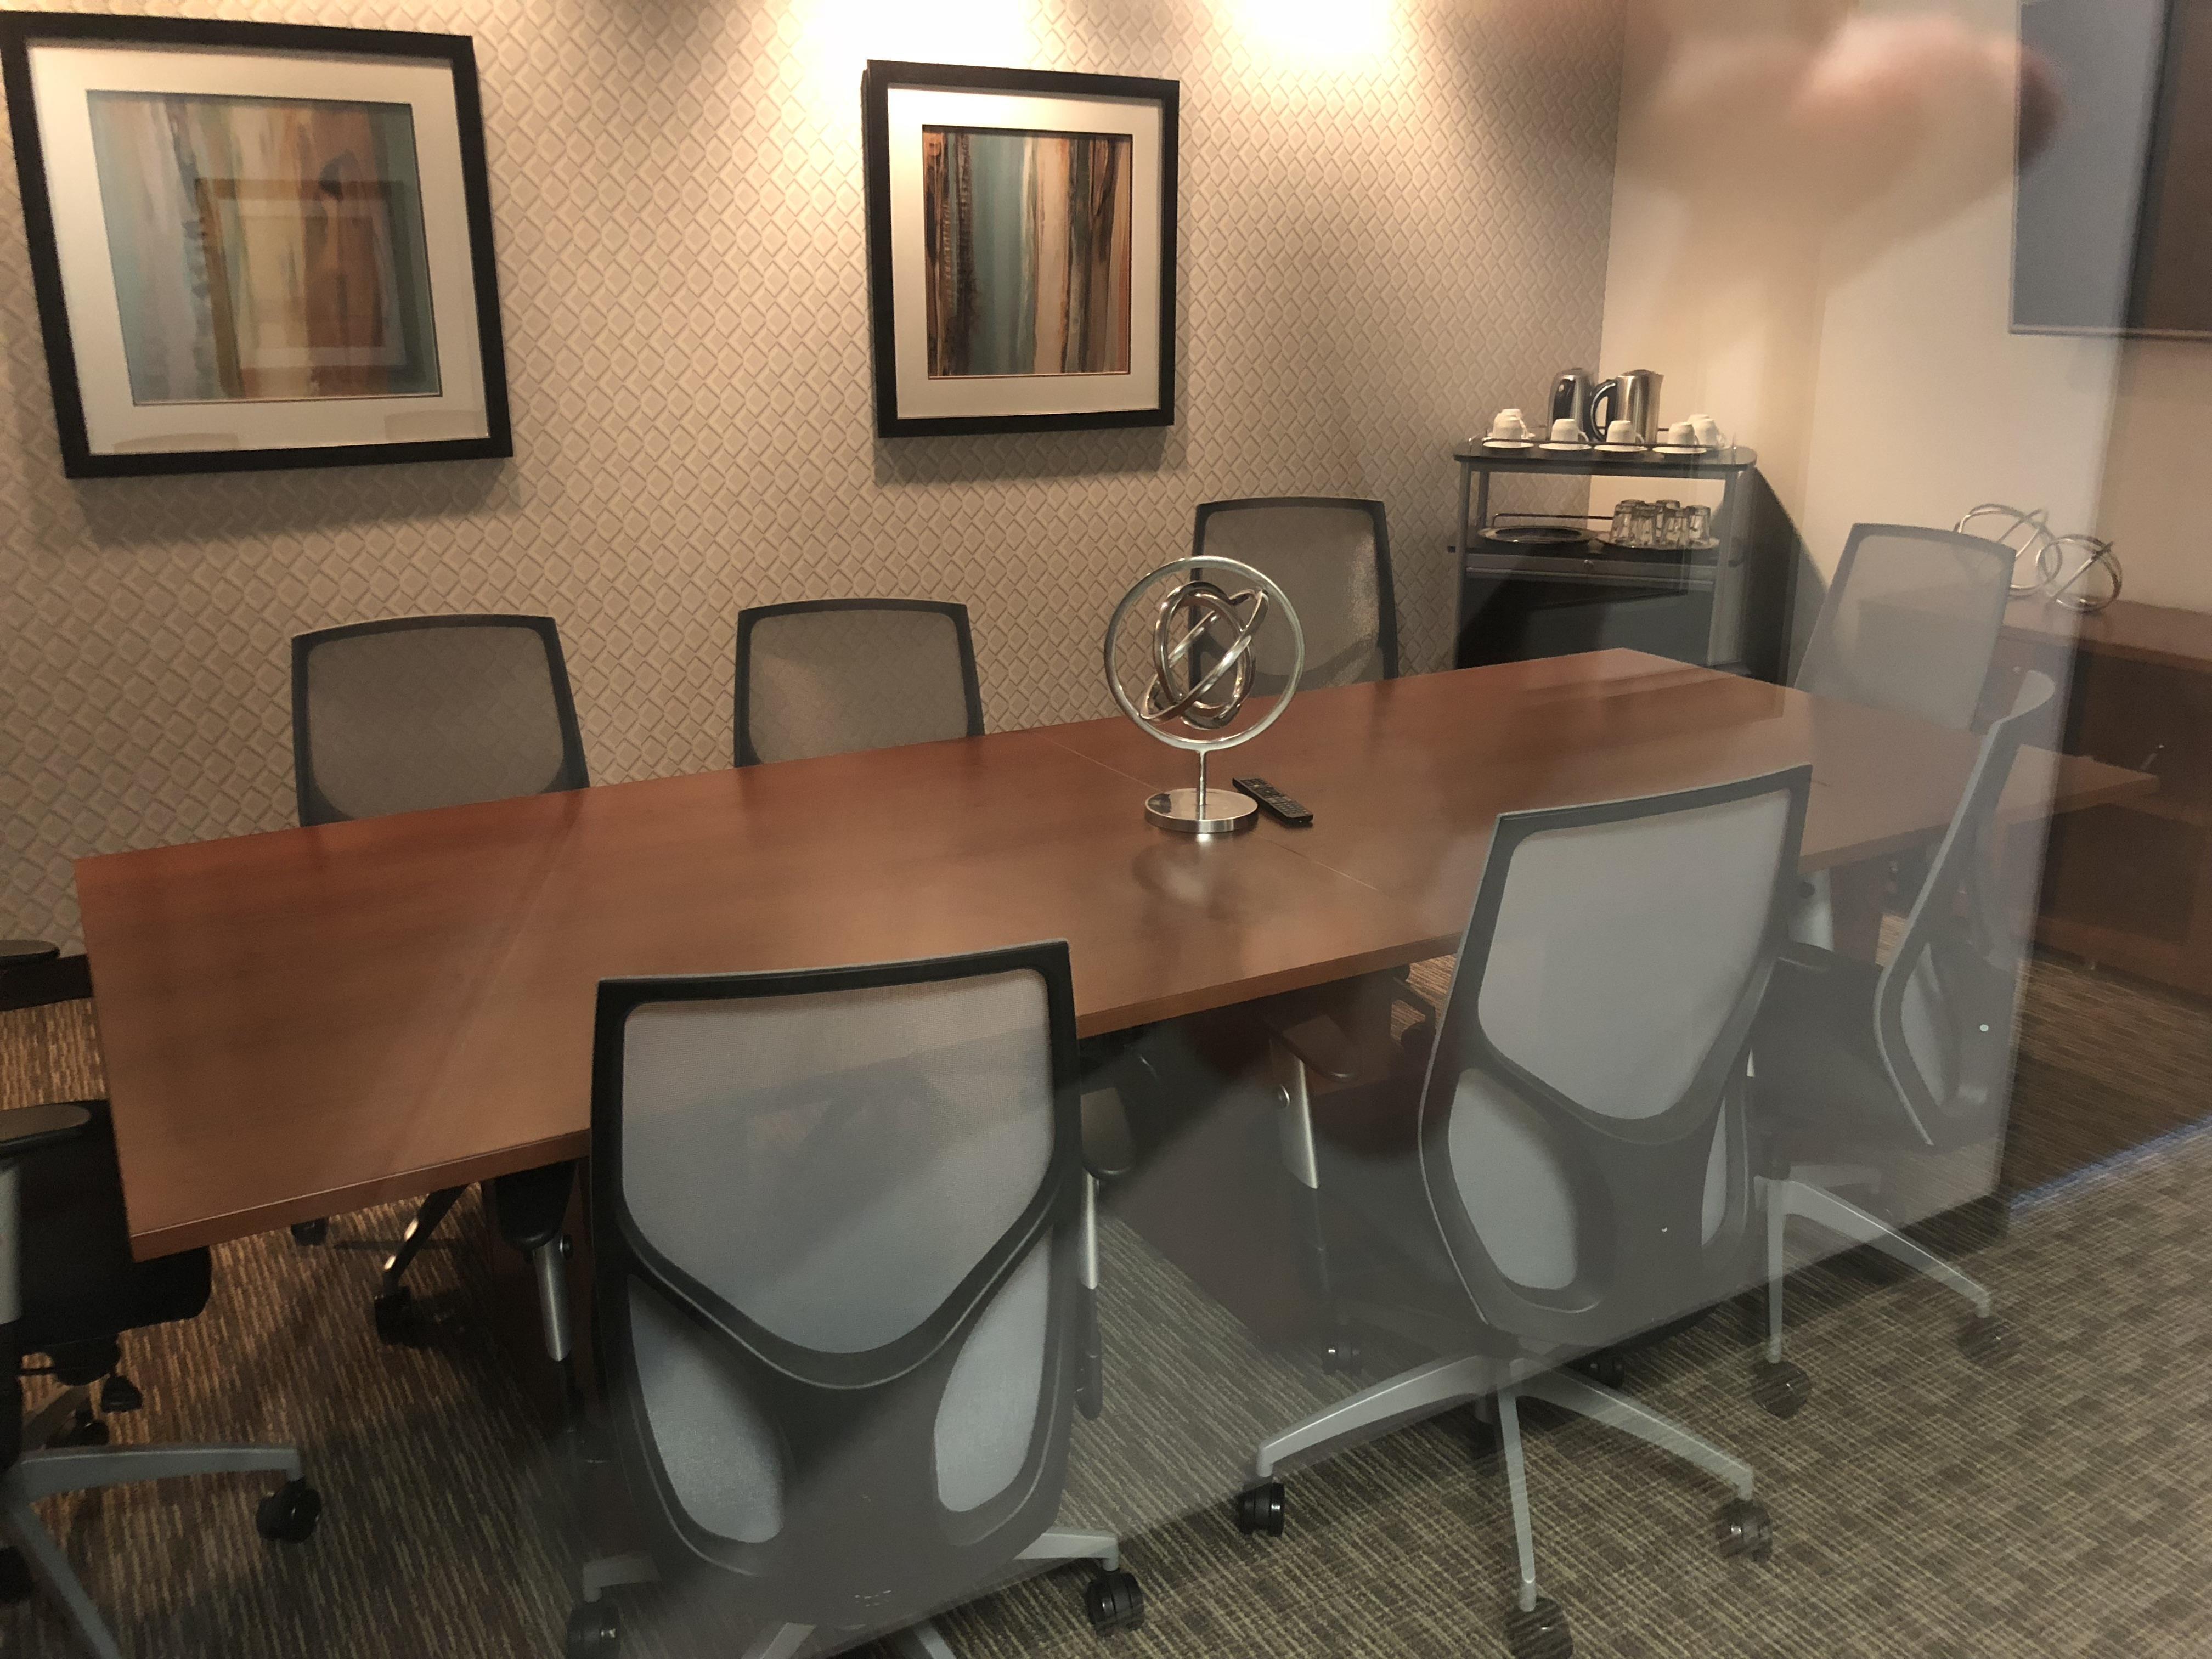 Riverway - Meeting Room 1